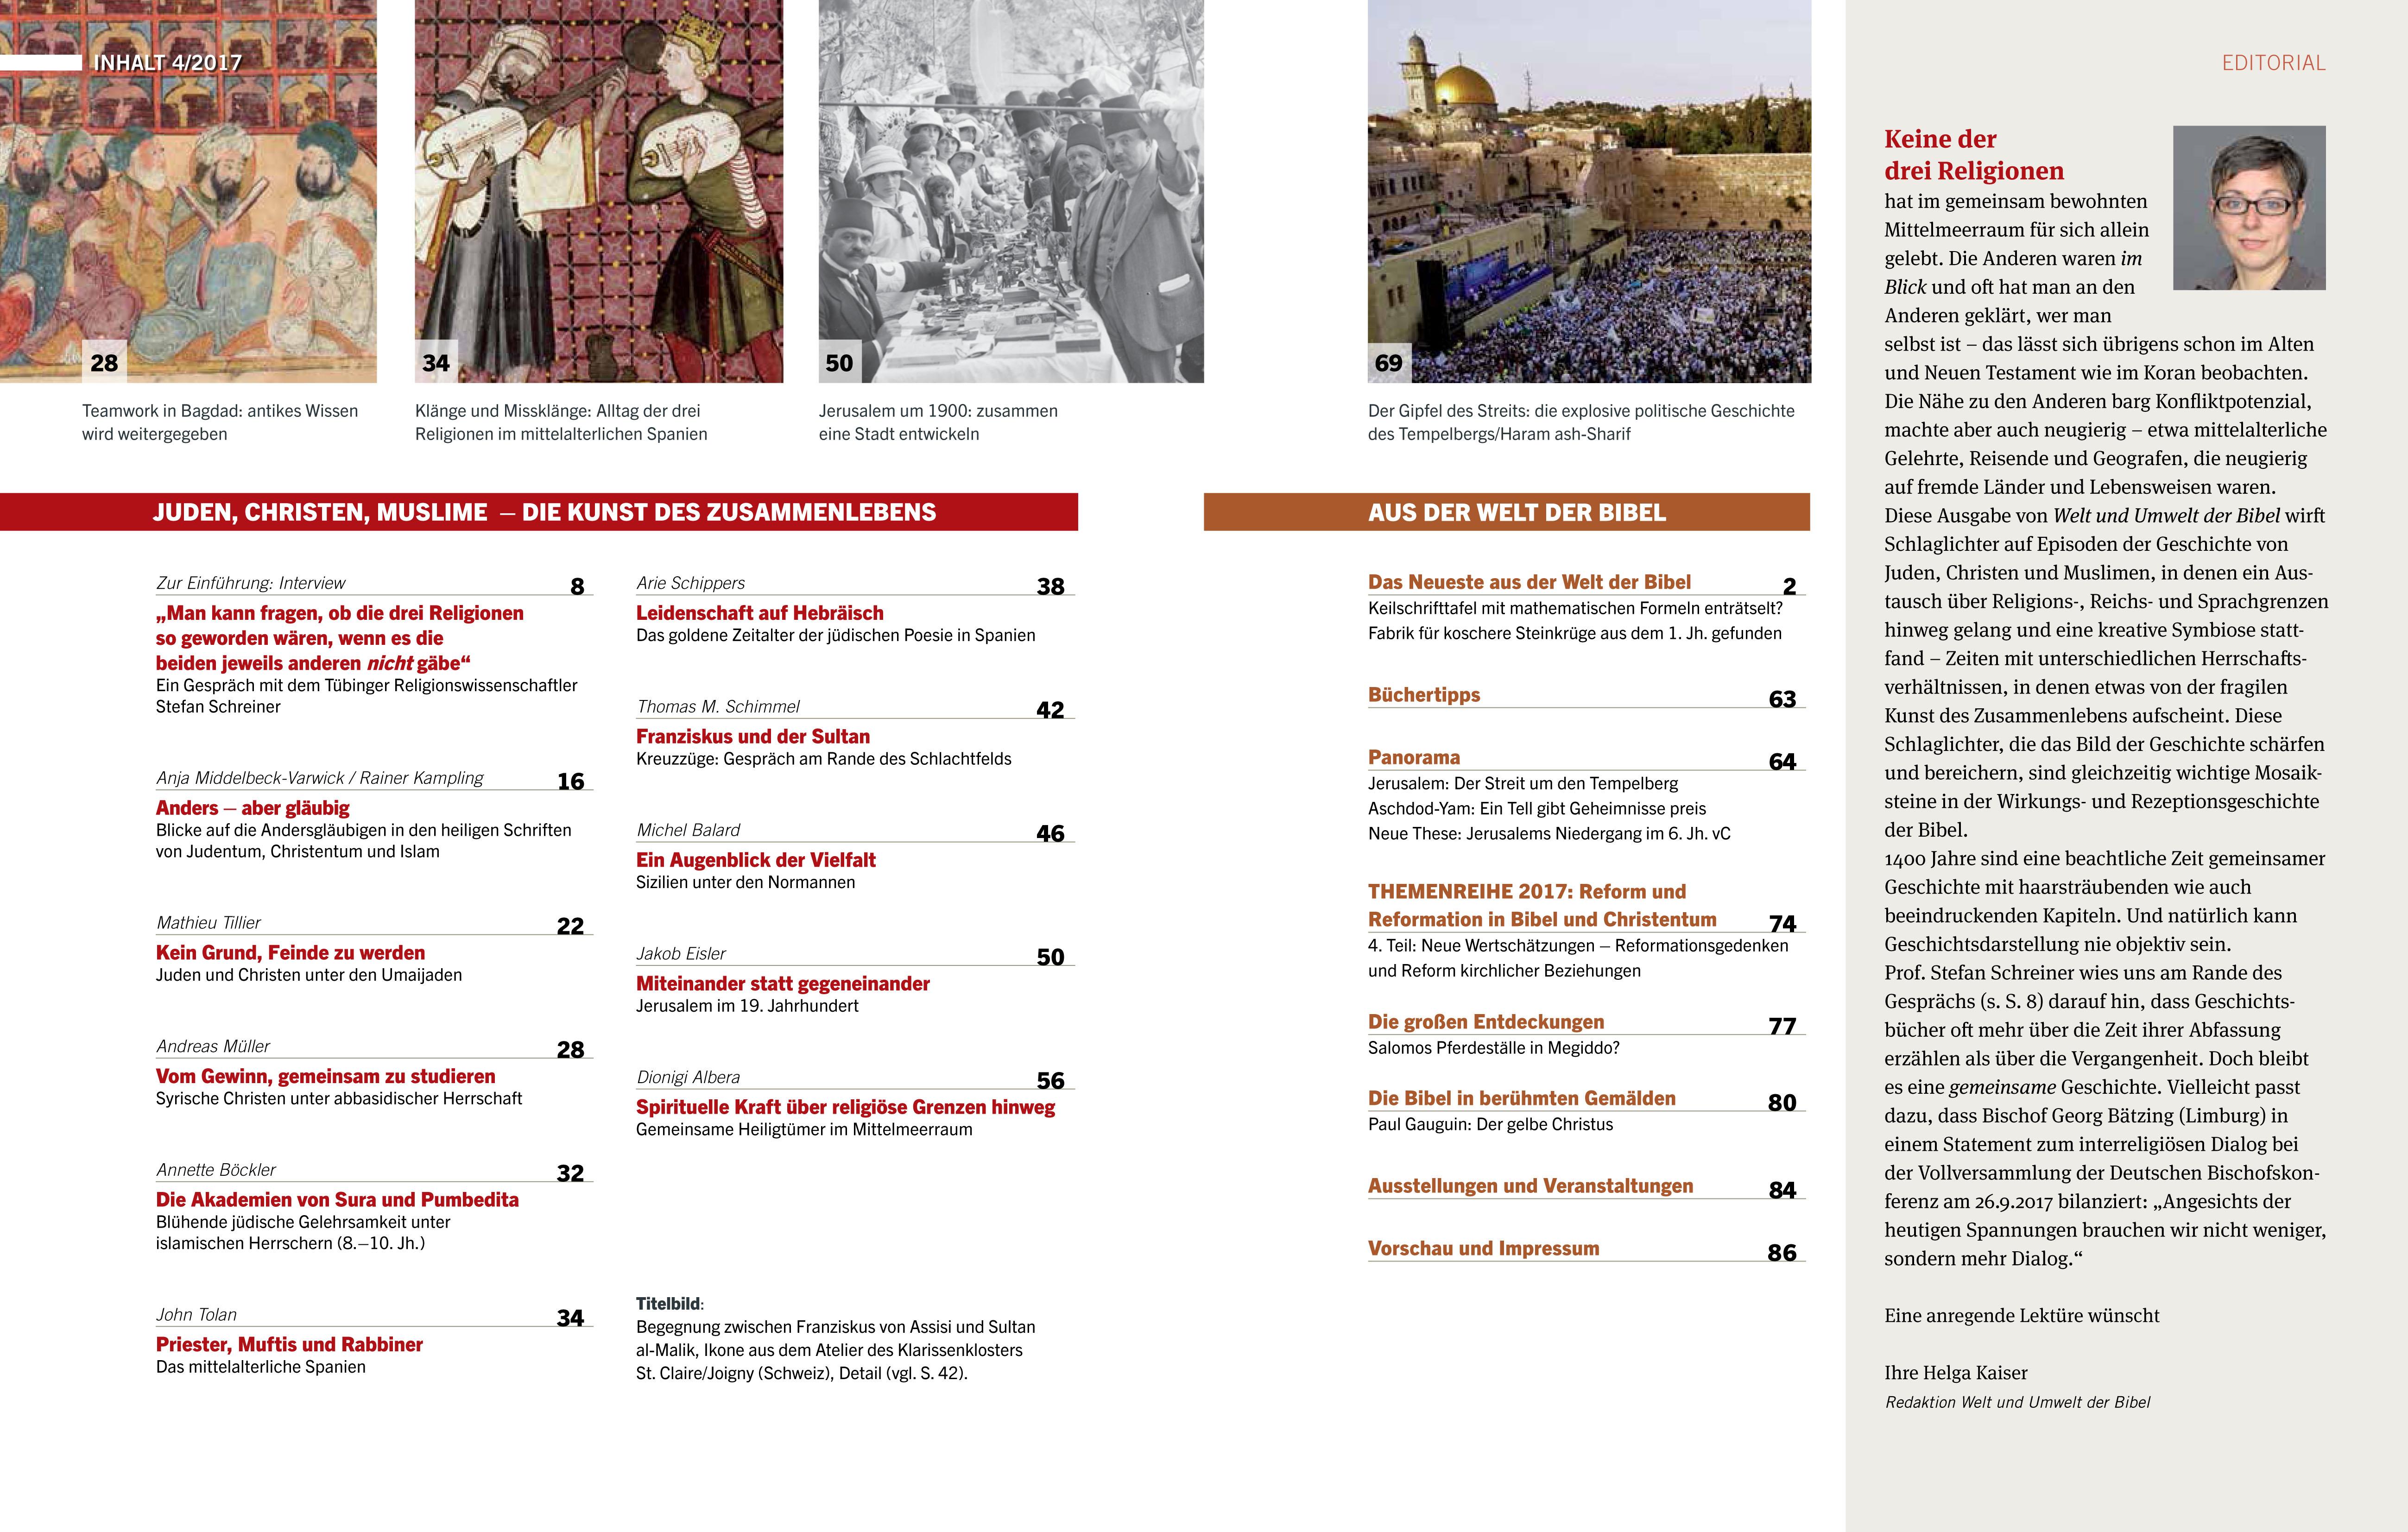 Abrahamitische Religionen, Buchempfehlungen, Literatur ...